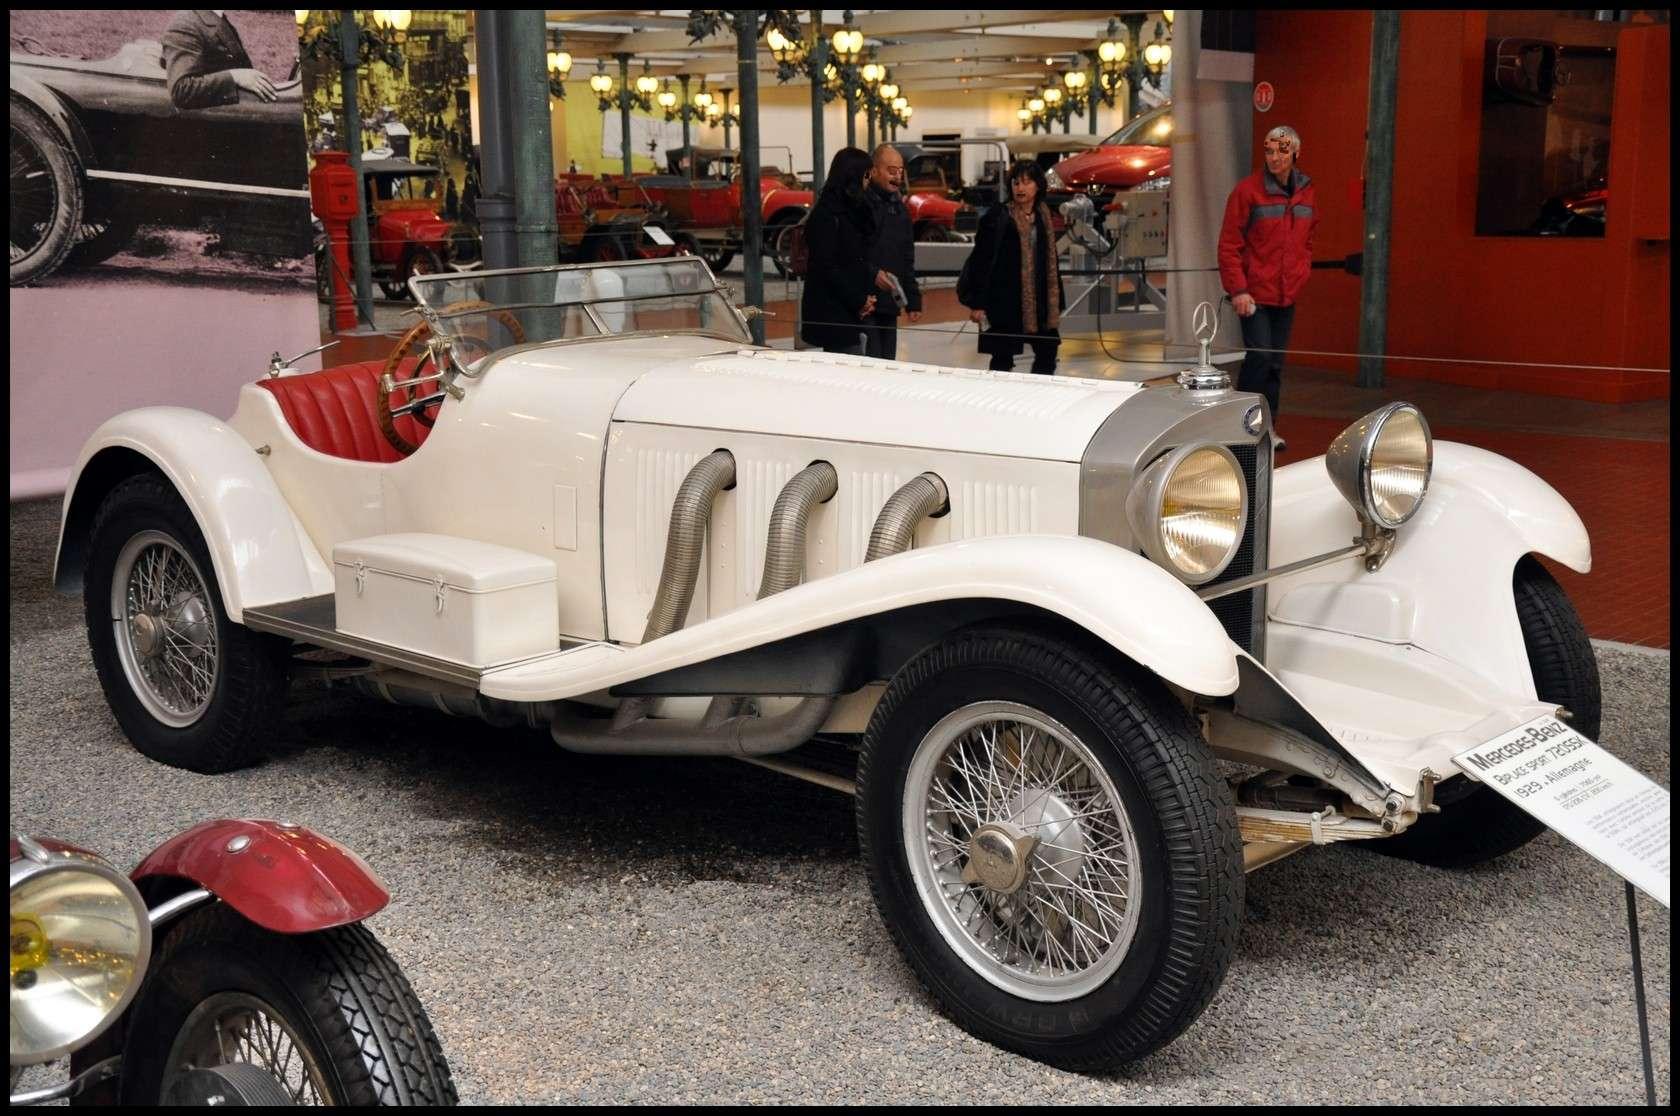 Mulhouse: La Cité de l' automobile, the largest car museum in the world. Ssk10